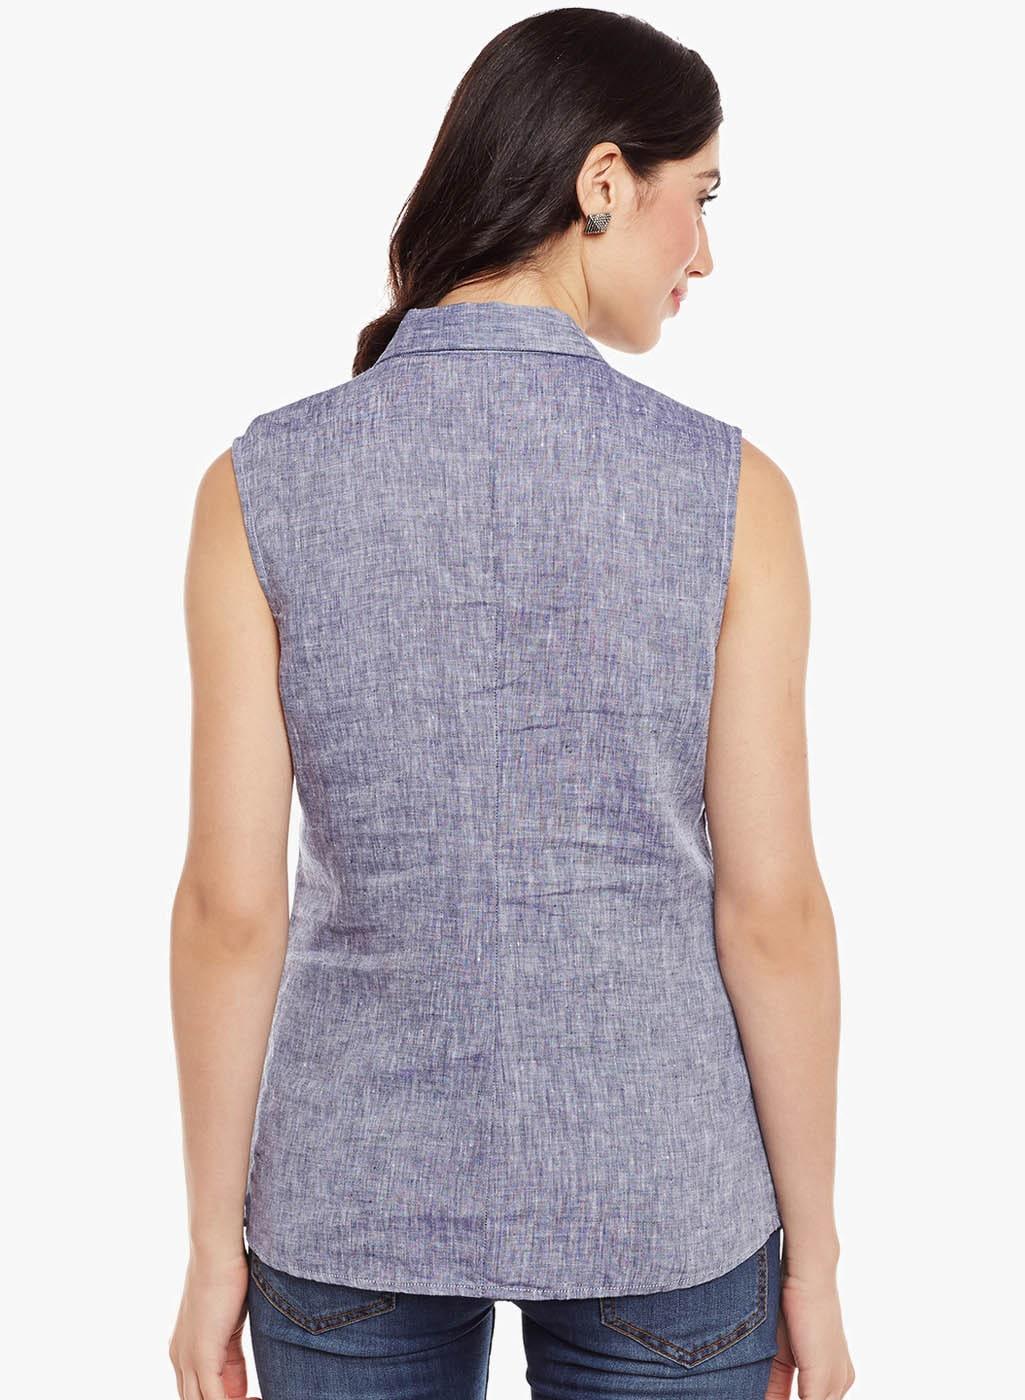 df351b27030c12 Postfold Shirts - Buy Postfold Shirts online in India - Jabong